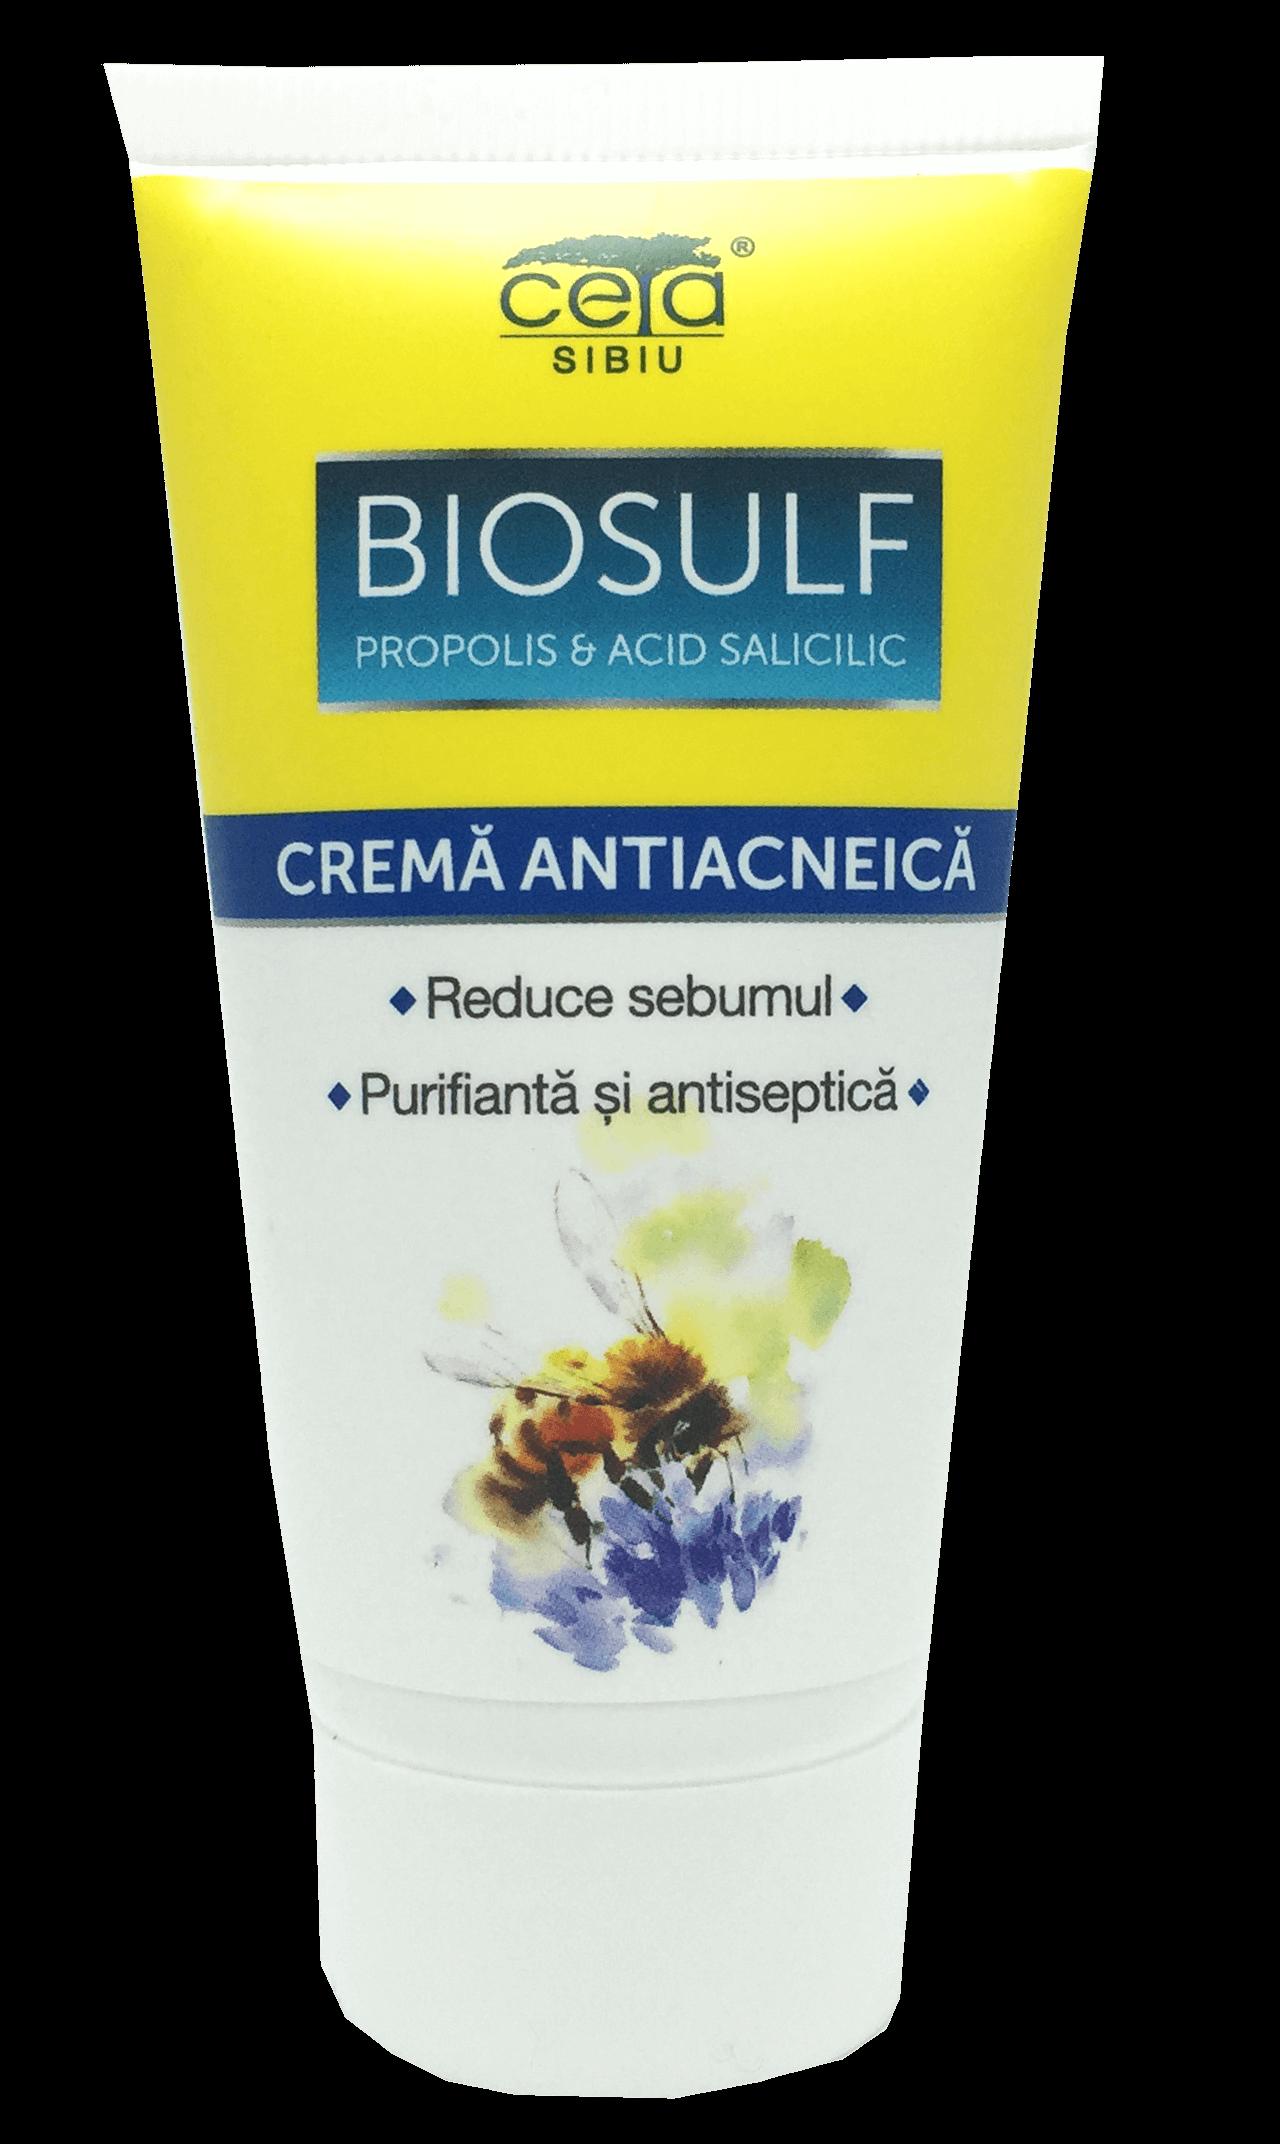 Ceta - Crema antiacneica cu biosulf propolis si acid salicilic